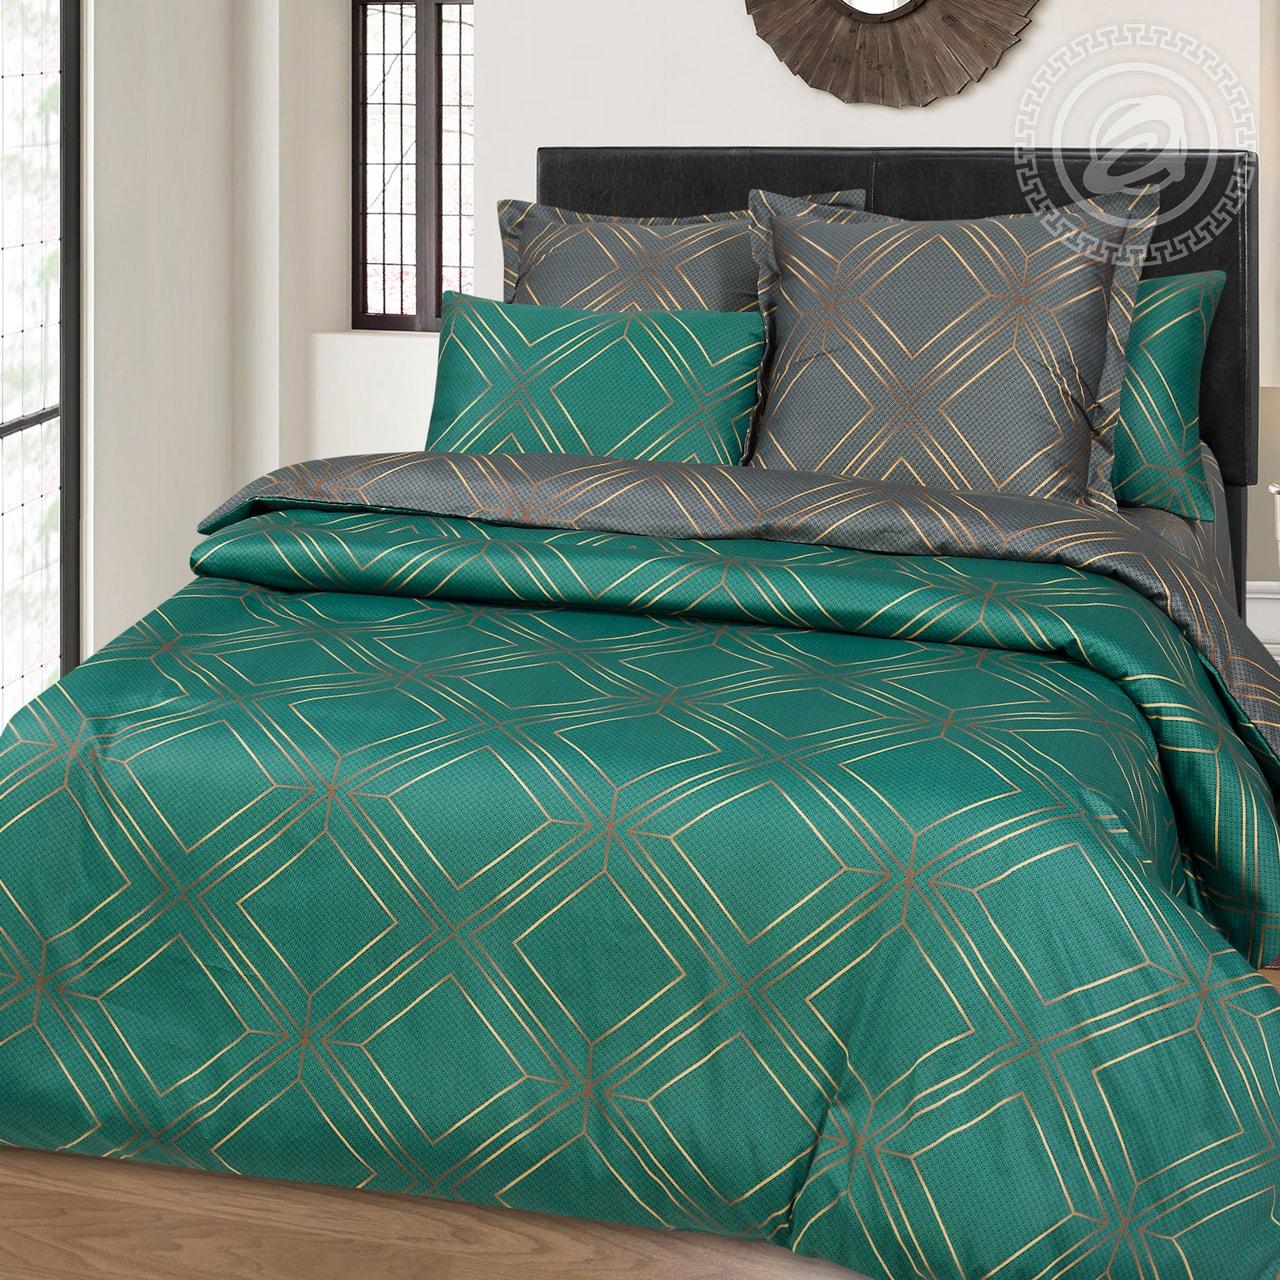 Фото - Постельное белье Луи (сатин) (1,5 спальный) постельное белье этель кружева комплект 2 спальный поплин 2670978